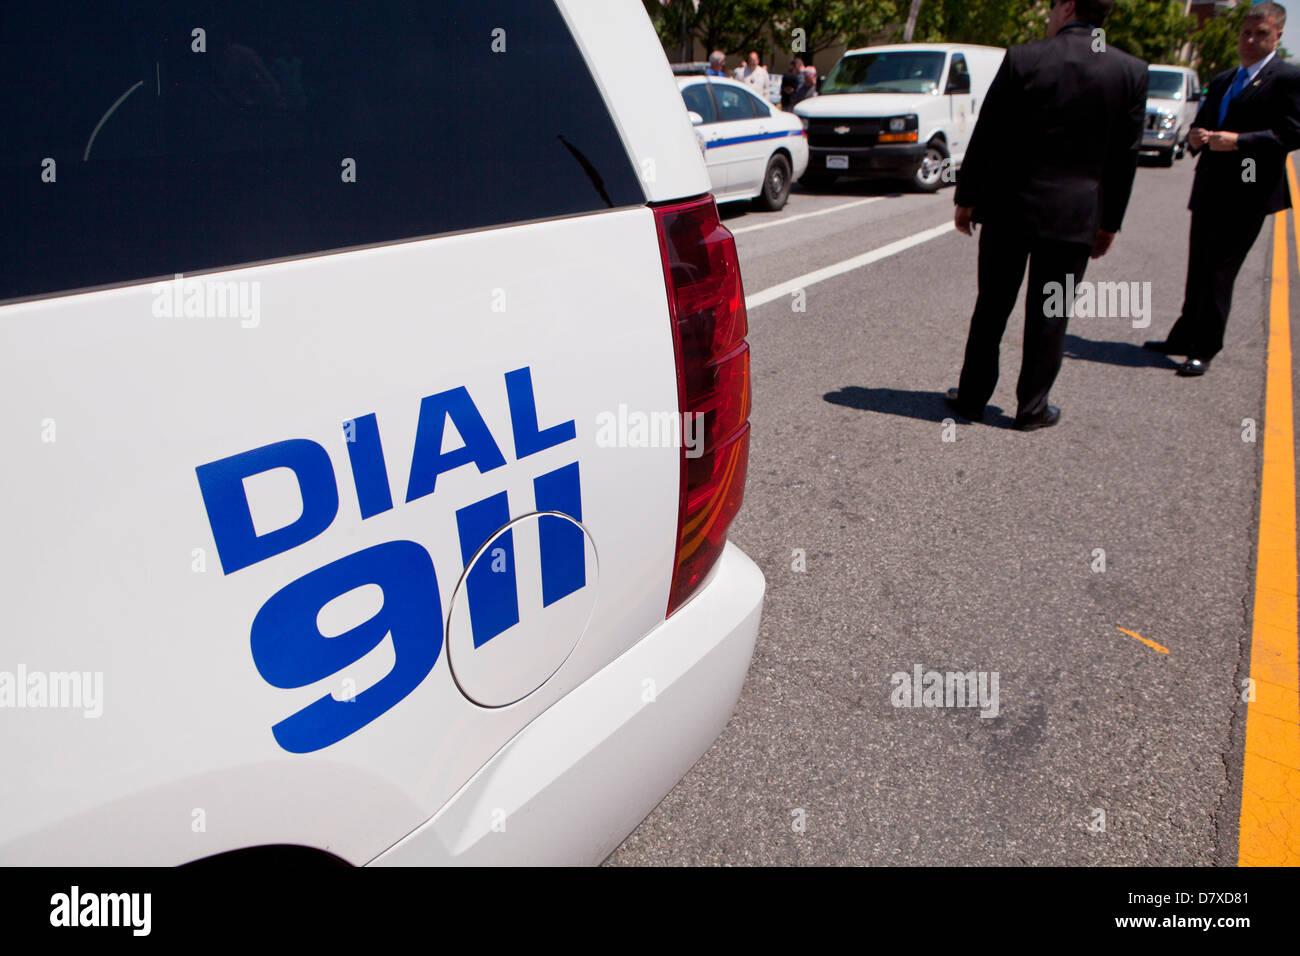 Dial 911 sign on police car - Washington, DC USA - Stock Image